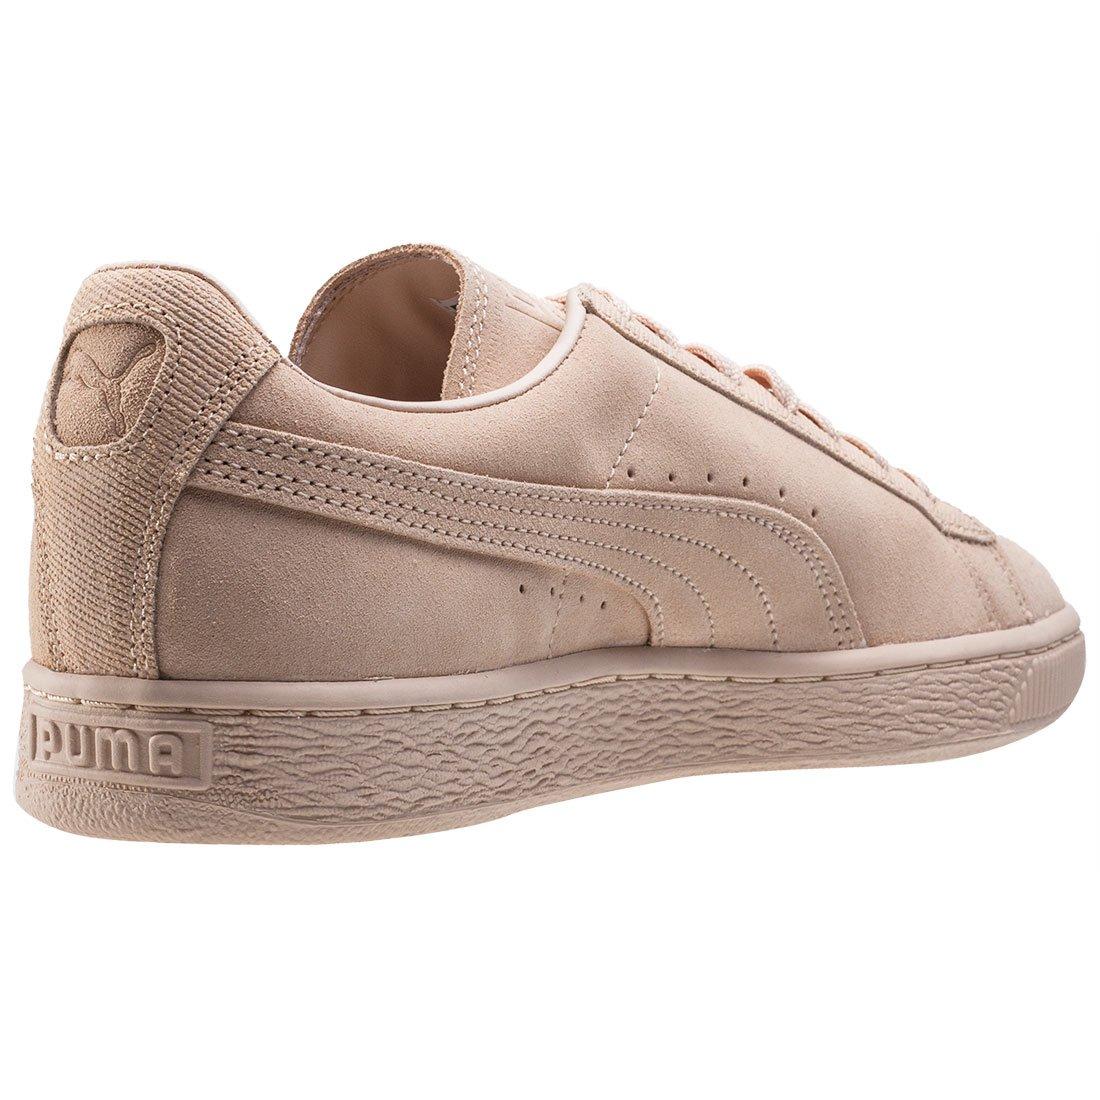 Puma Suede Classic Tonal 362595 02, Baskets Femme